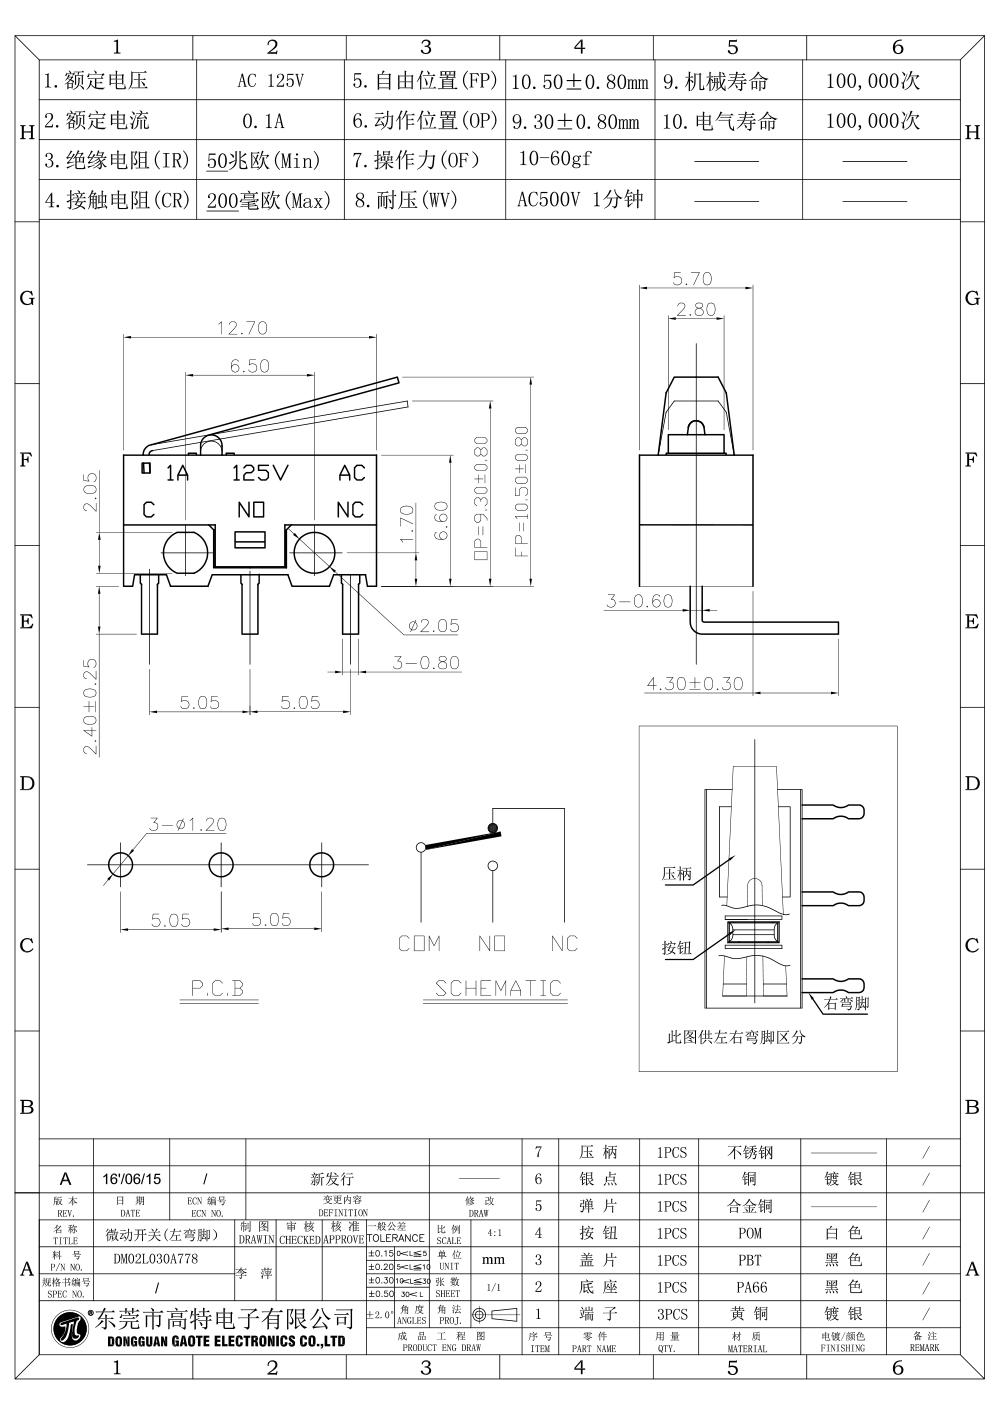 DM02L030A778.jpg